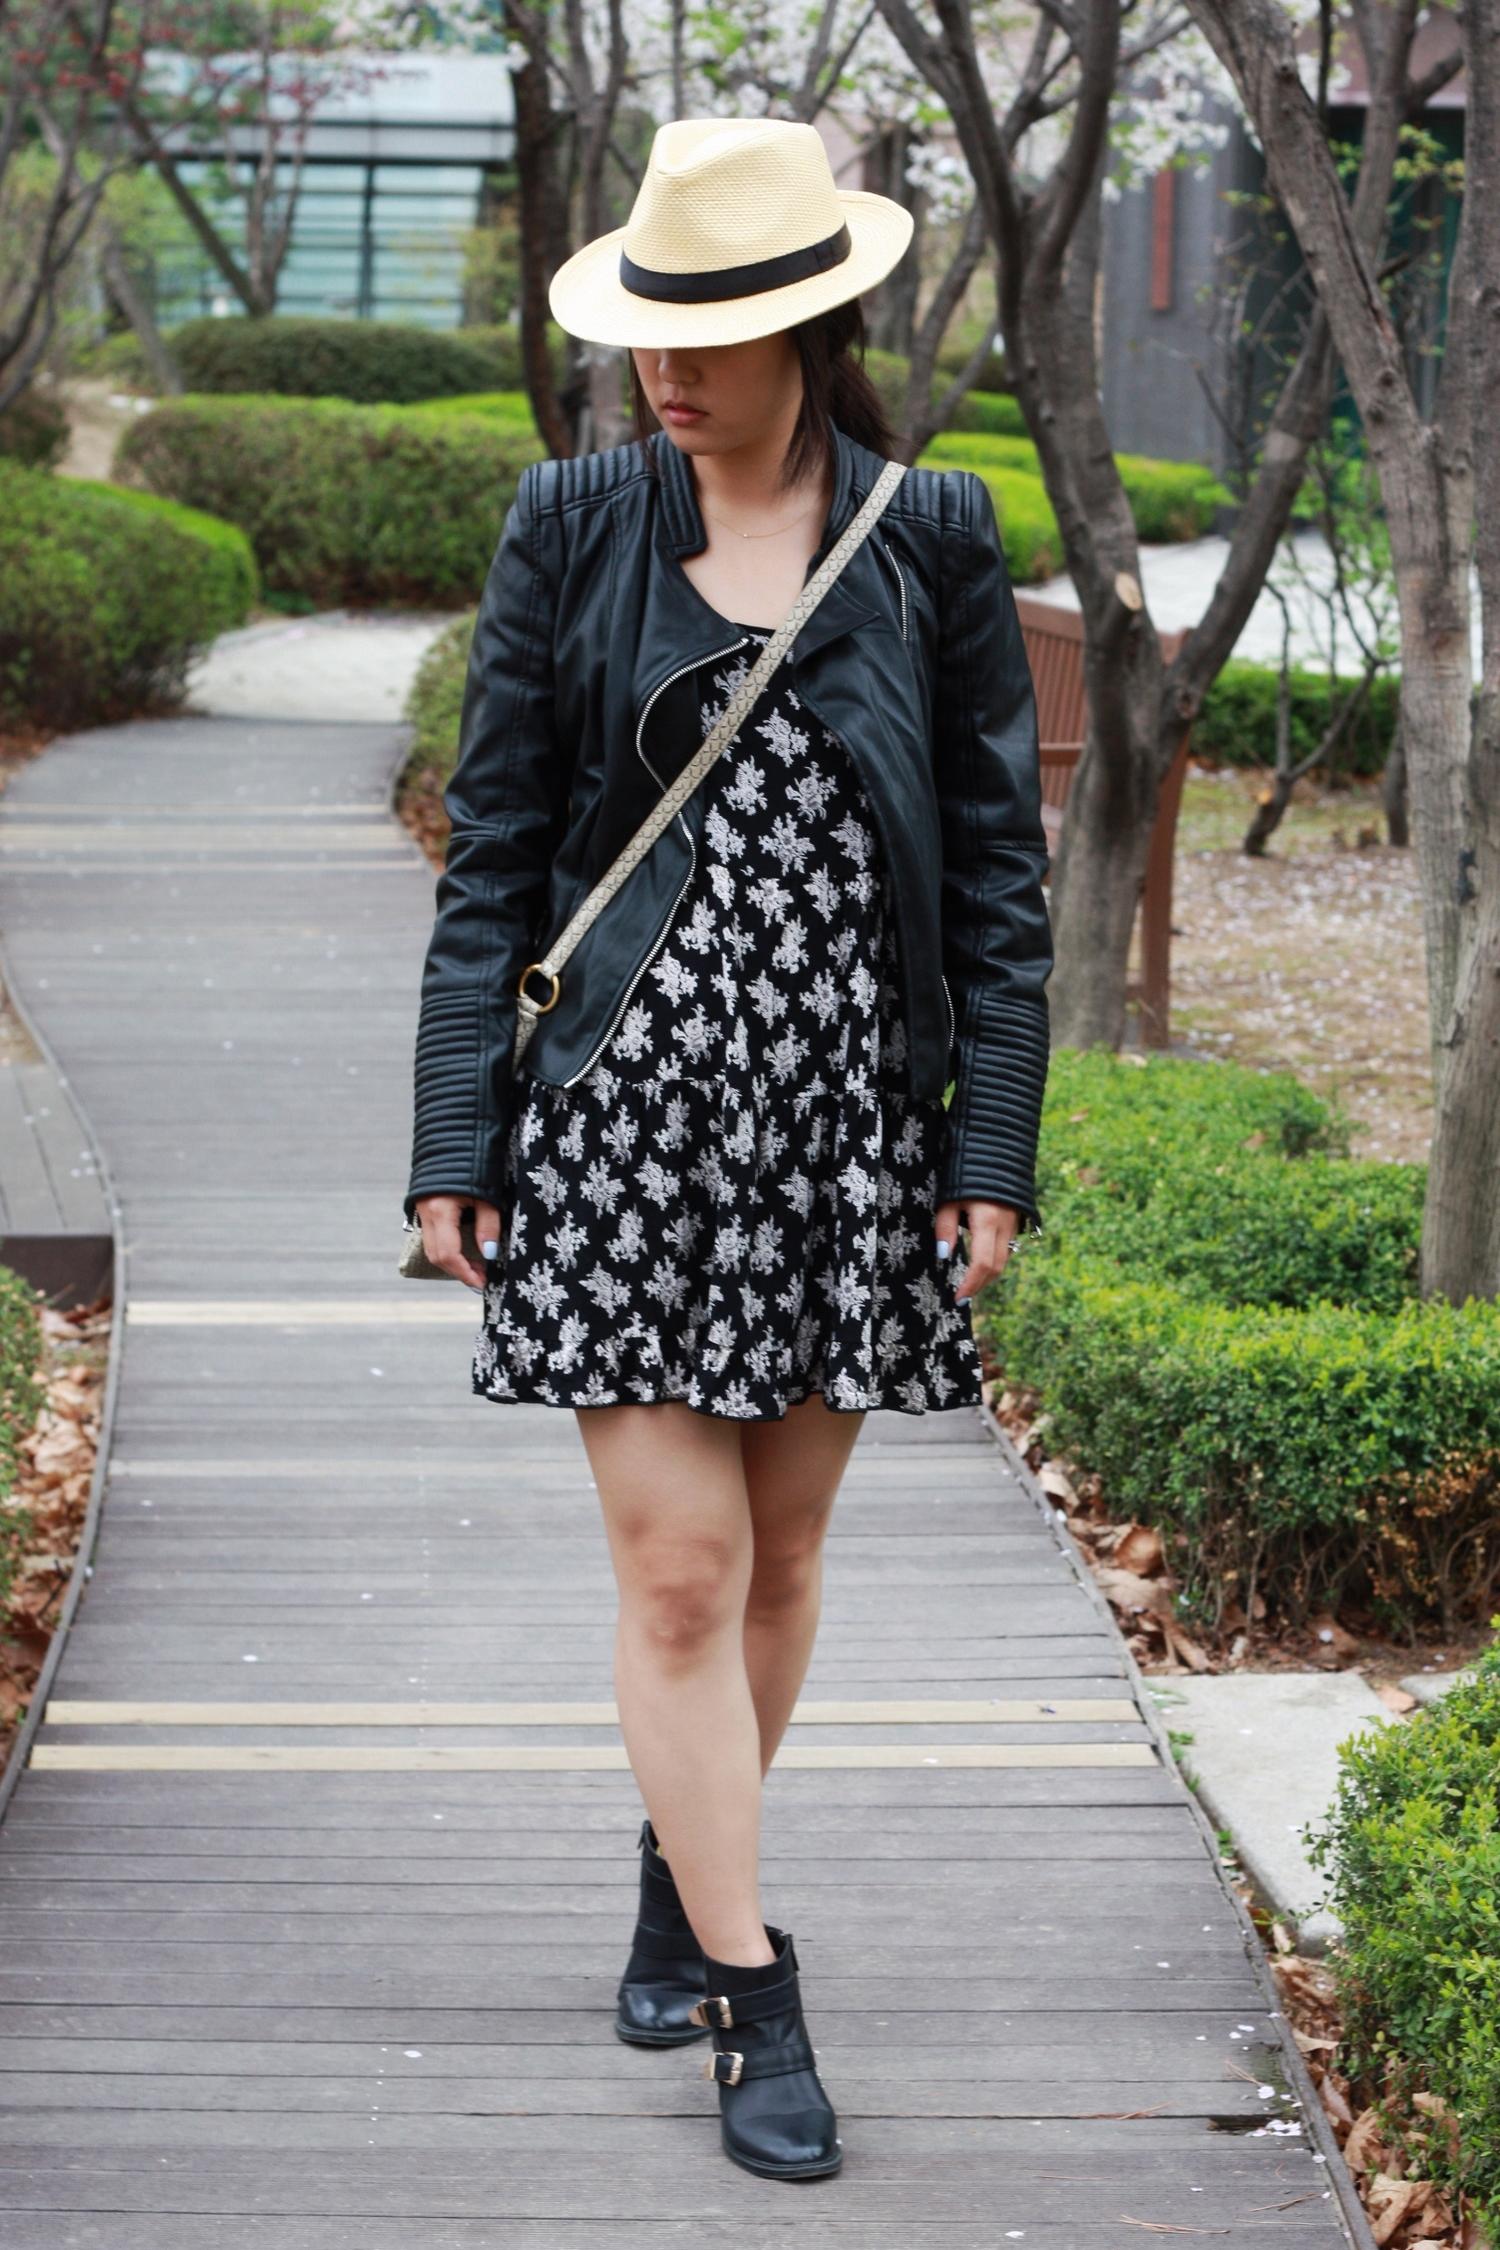 Jacket: Zara, Dress: TJ Maxx, Booties: DSW, Bag: Marc by Marc Jacobs, Hat: Flea Market